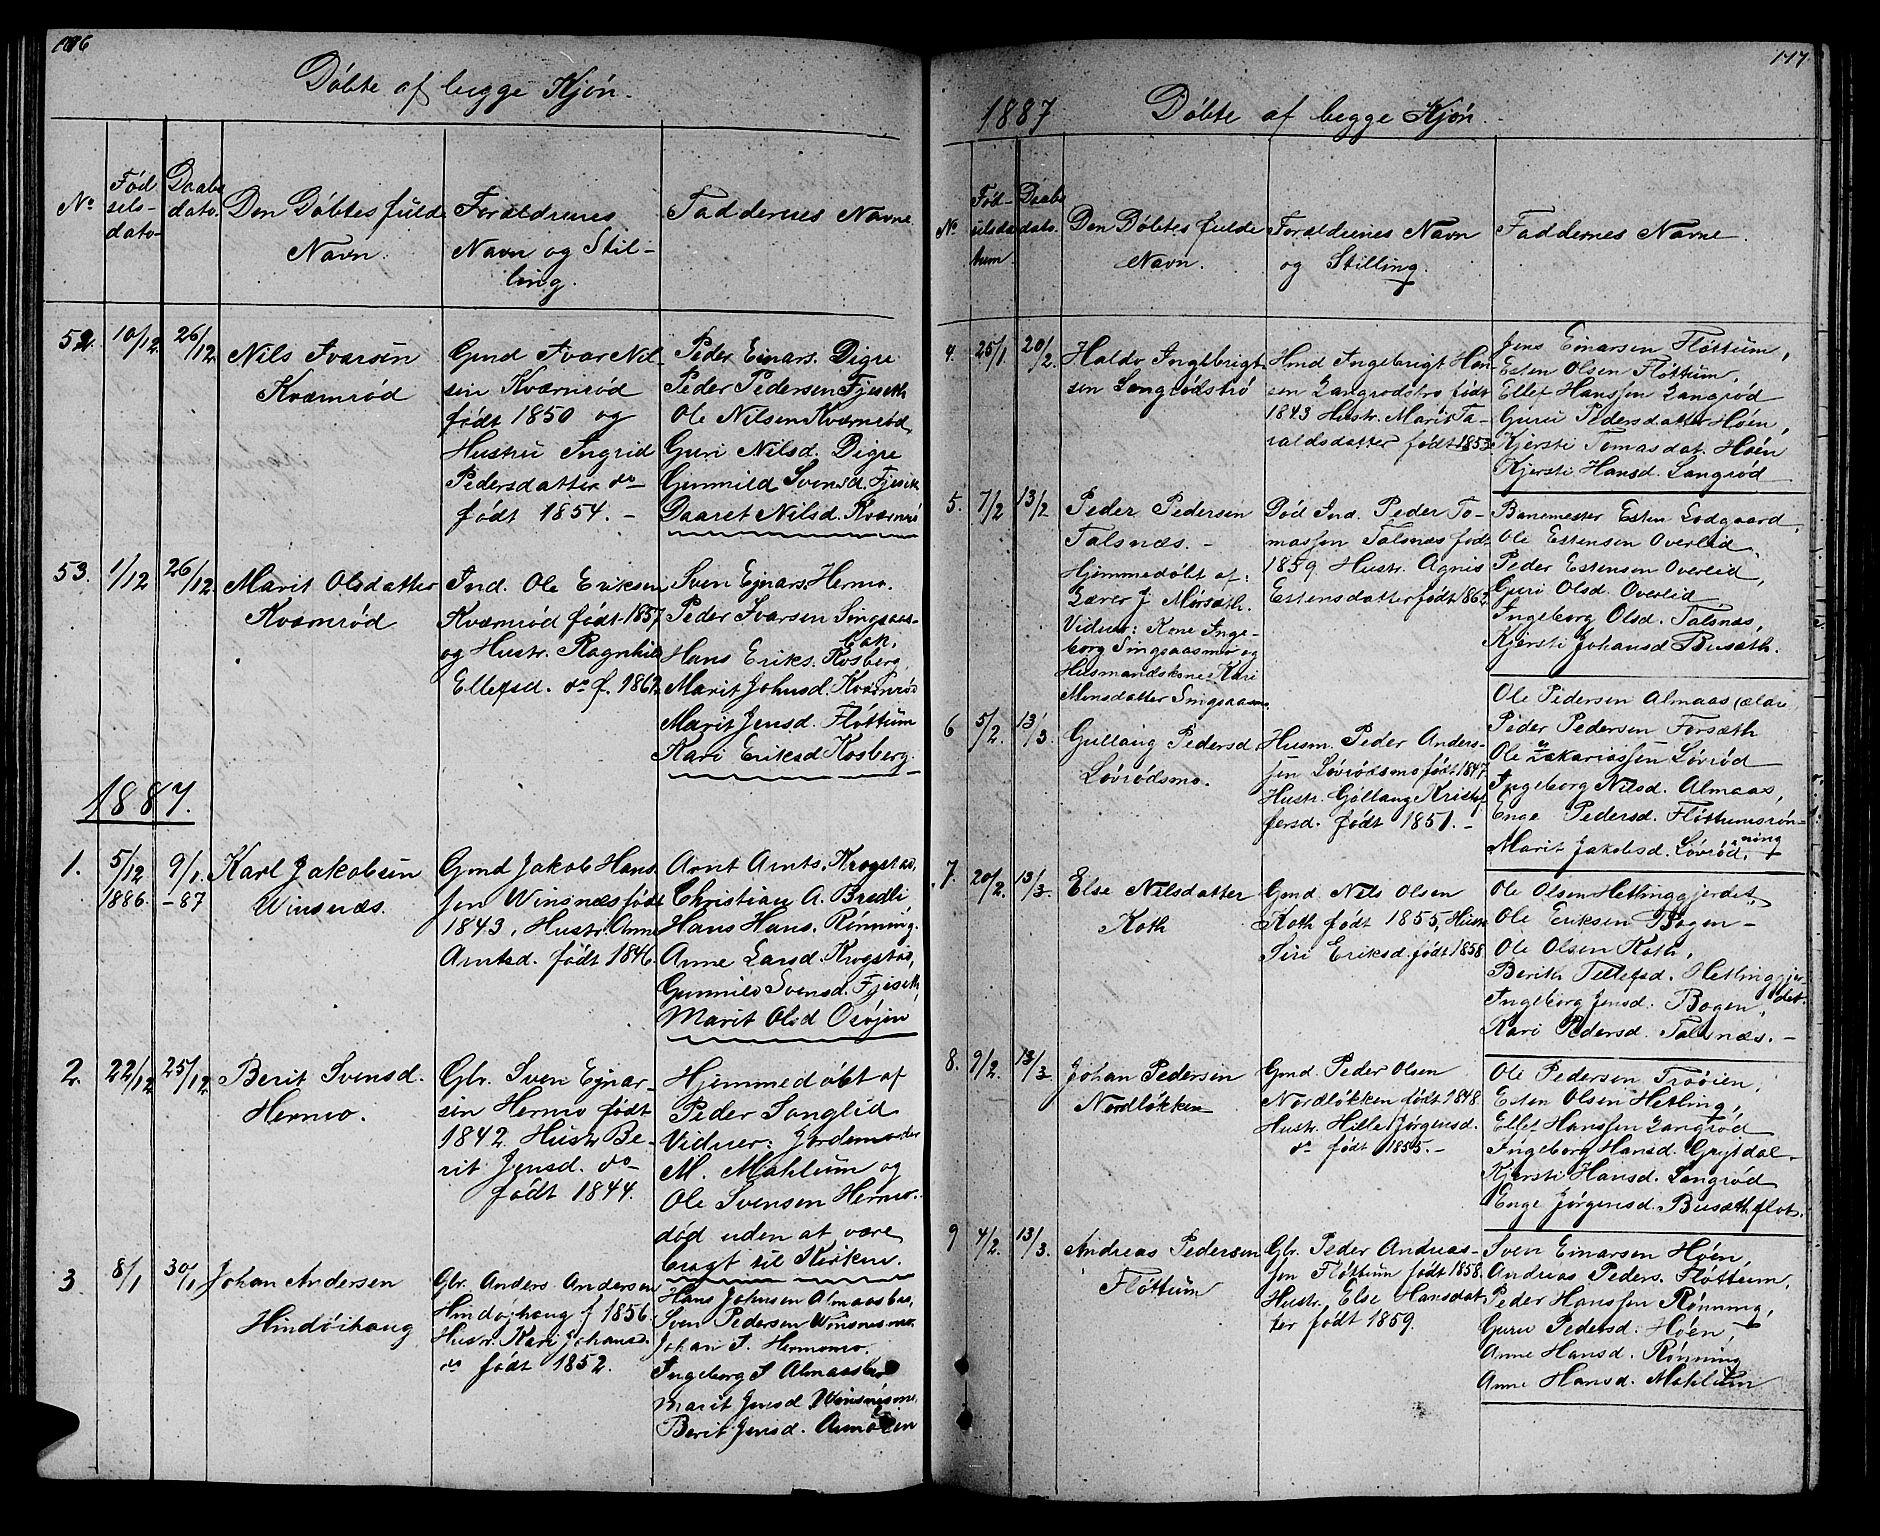 SAT, Ministerialprotokoller, klokkerbøker og fødselsregistre - Sør-Trøndelag, 688/L1027: Klokkerbok nr. 688C02, 1861-1889, s. 176-177